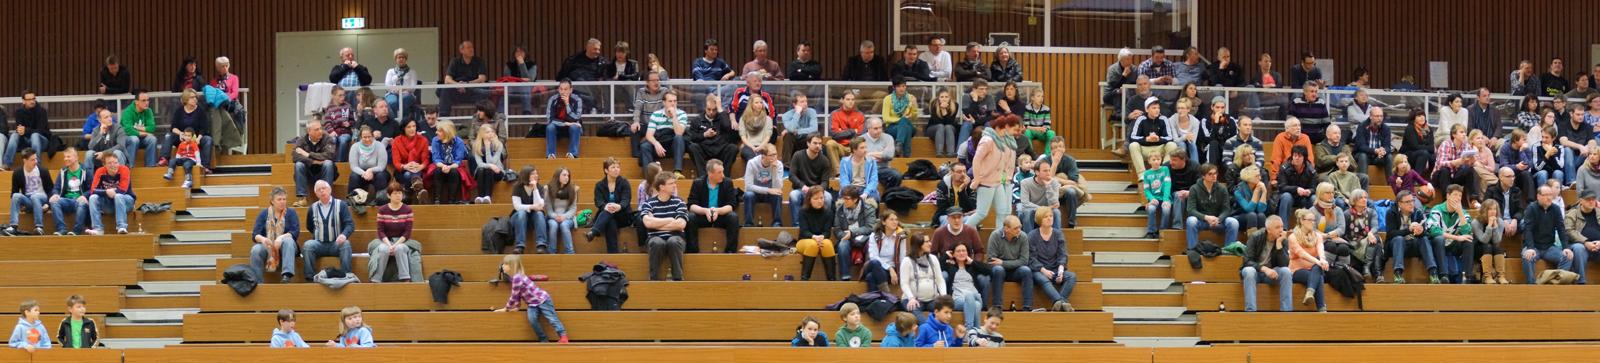 Basketball-Derby Baunach Rattelsdorf März 2013